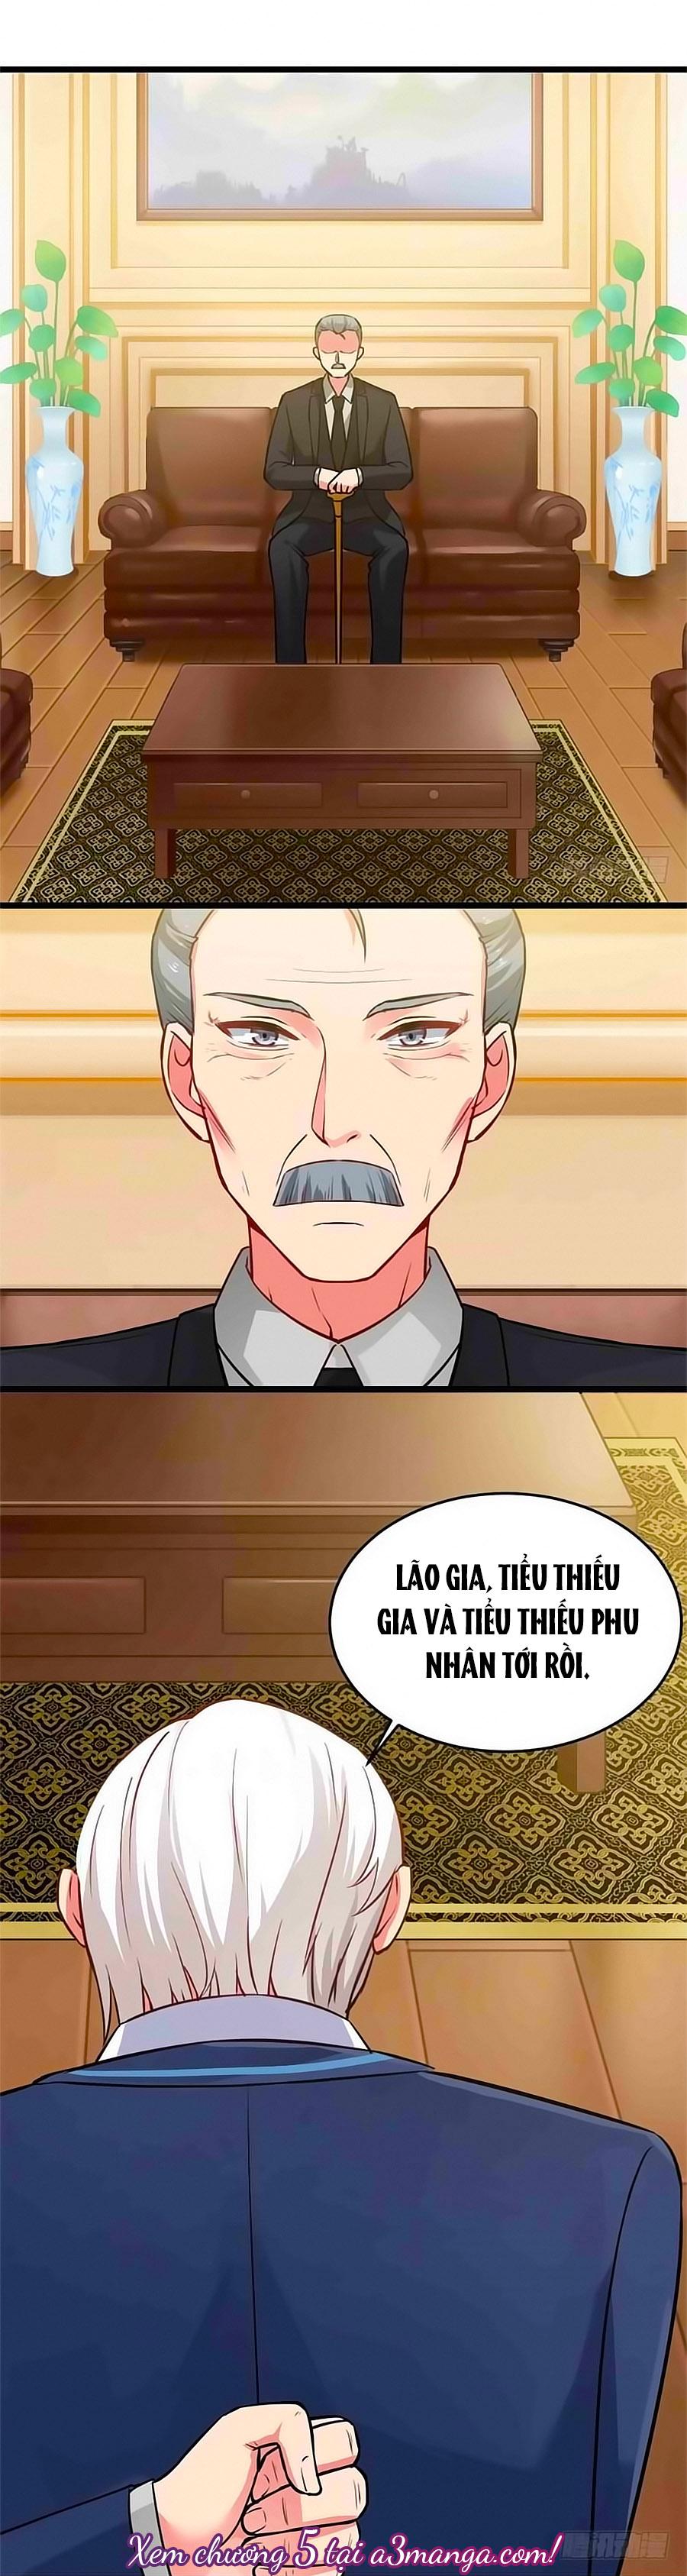 Ẩn Hôn Tân Nương - Chap 4